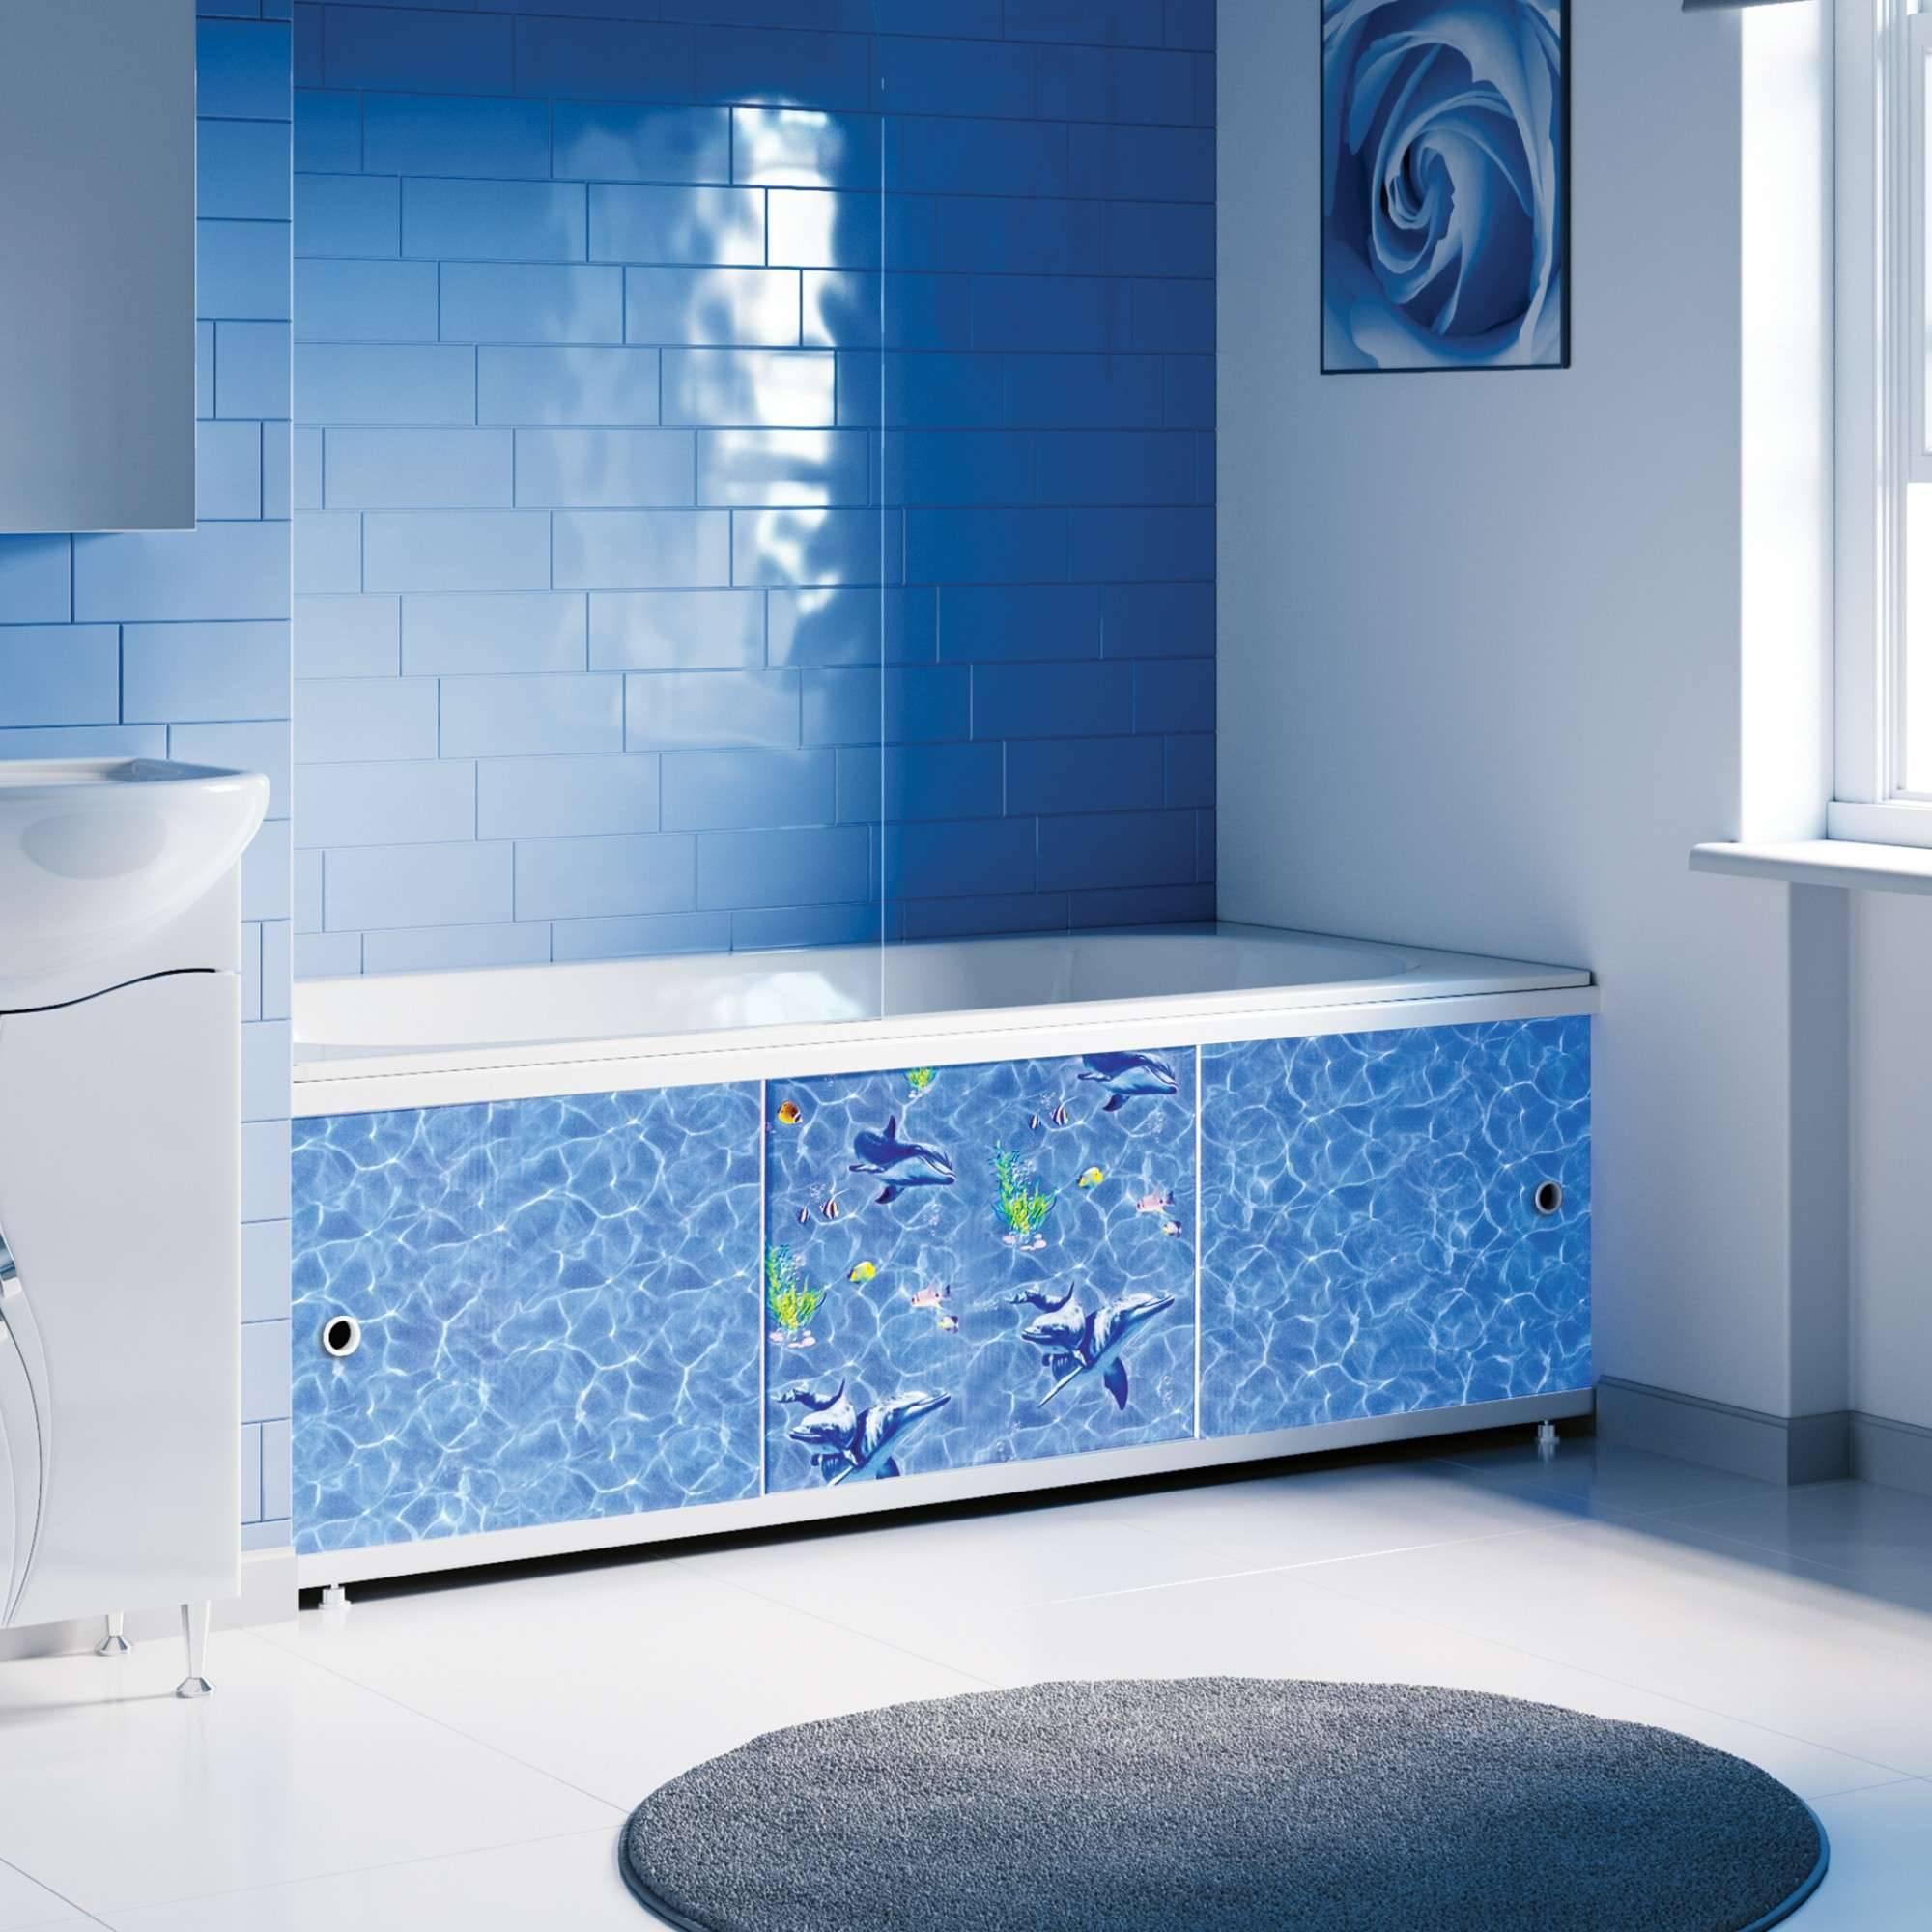 Матовая ванная — 140 фото лучших идей дизайна интерьера с применением матовых поверхностей в ванной. советы дизайнеров и обзор интересных сочетаний